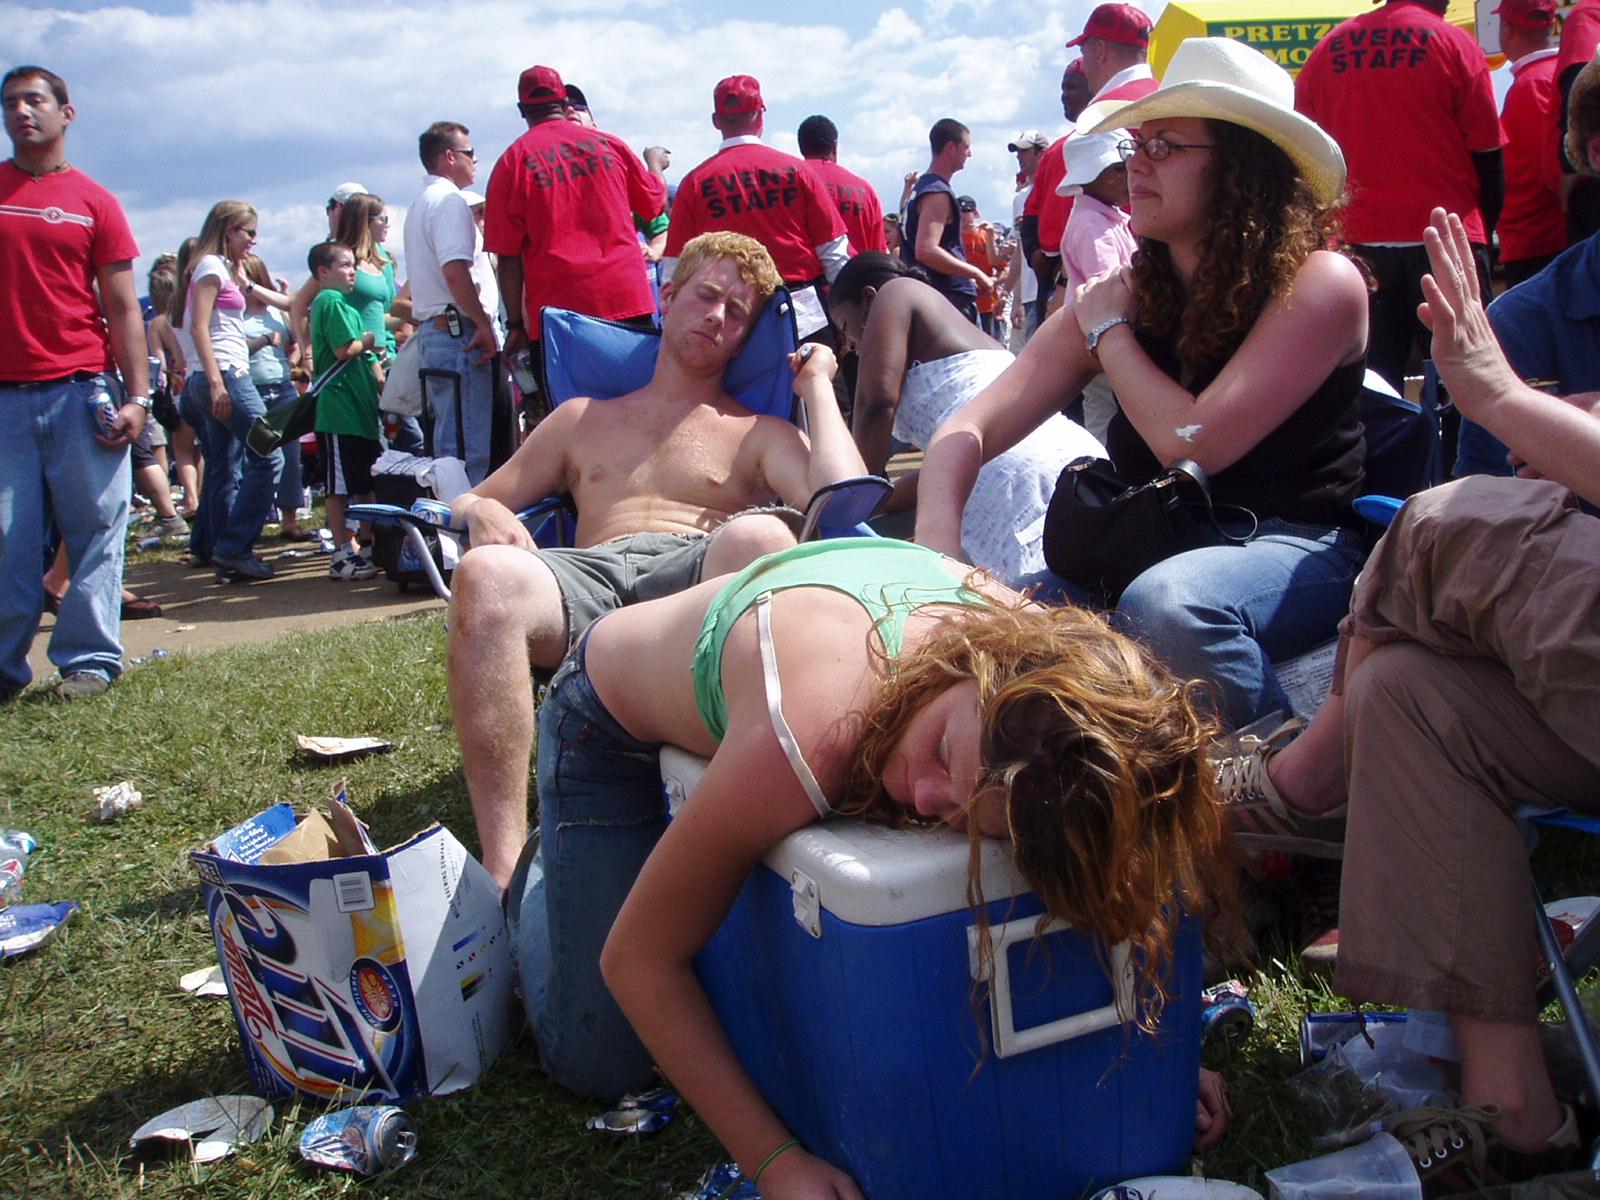 Сайт о пьяных женщинах, Фотографии Пьяные девушки 3 альбома ВКонтакте 1 фотография